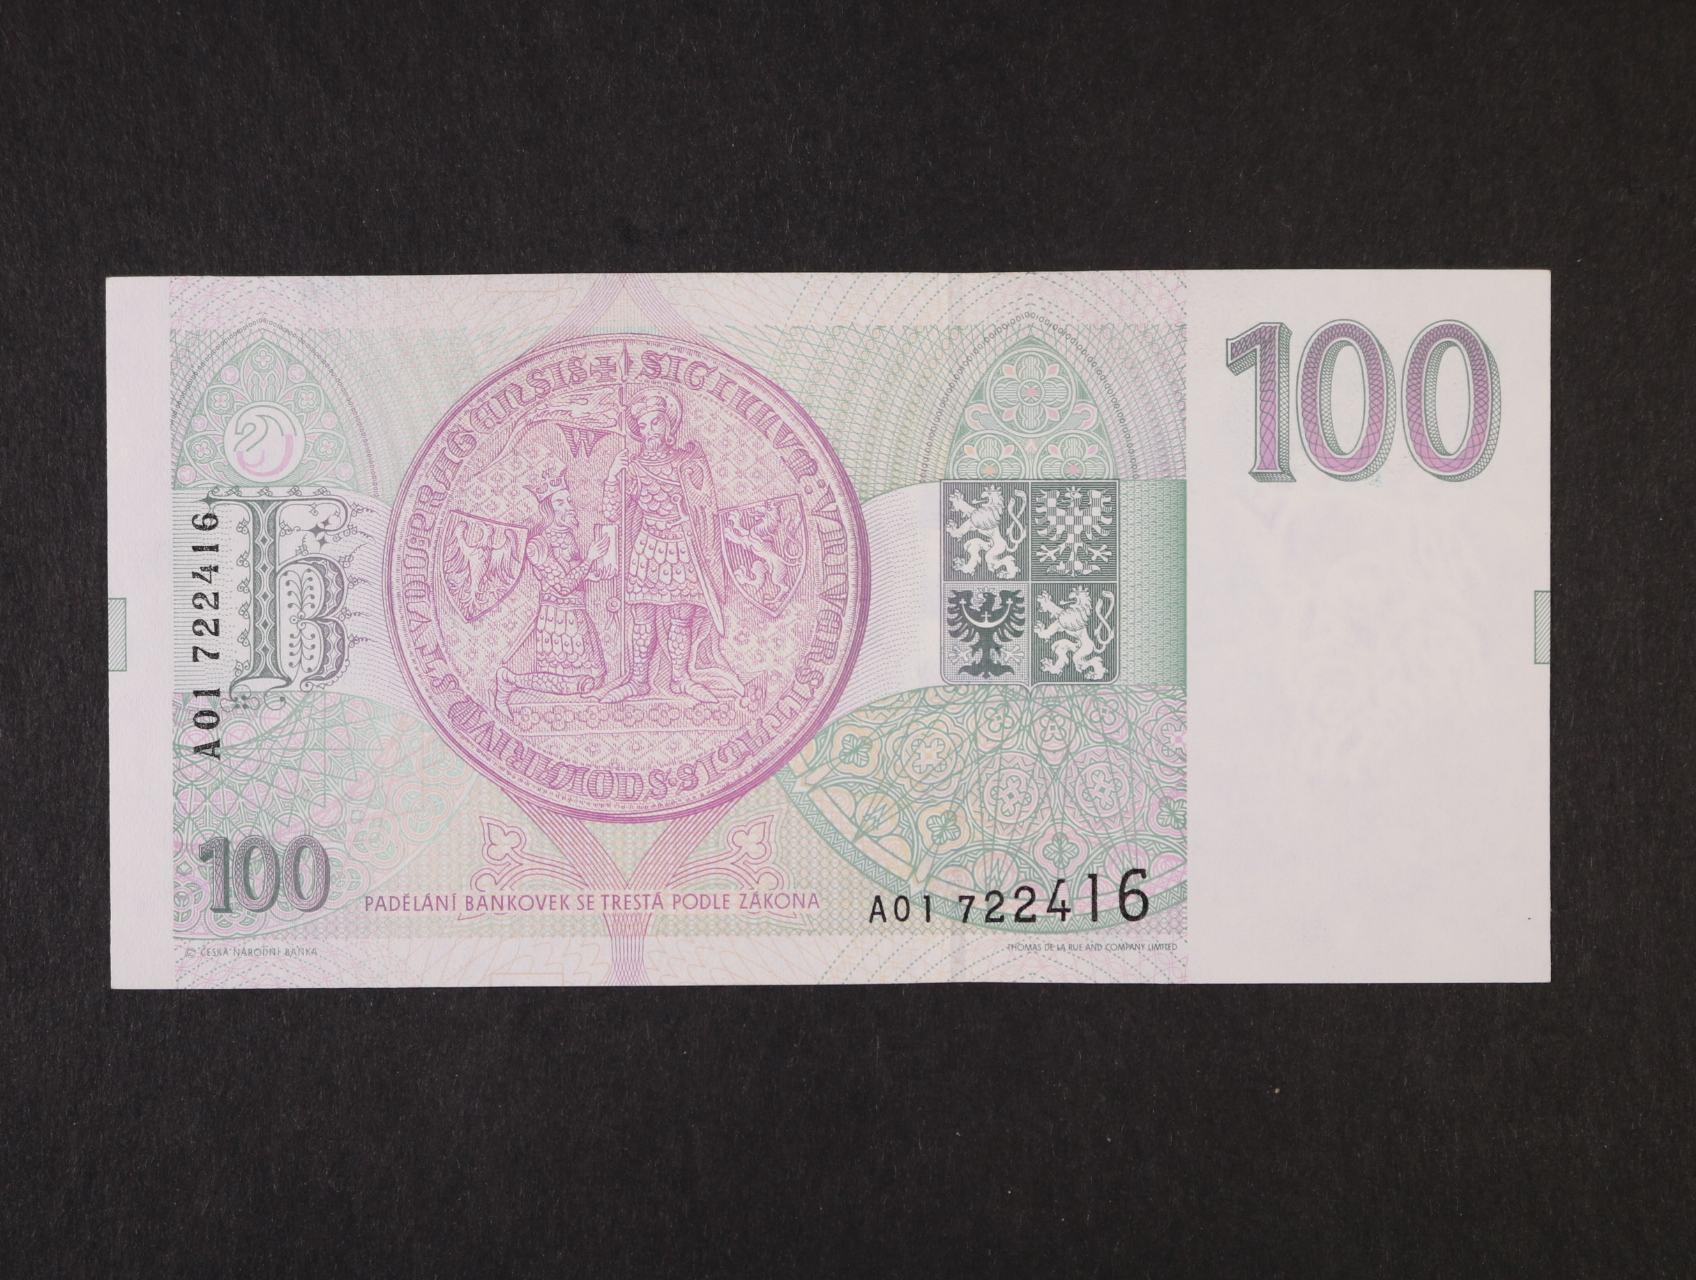 100 Kč 1993 série A 01, Ba. CZ5, Pi. 5a